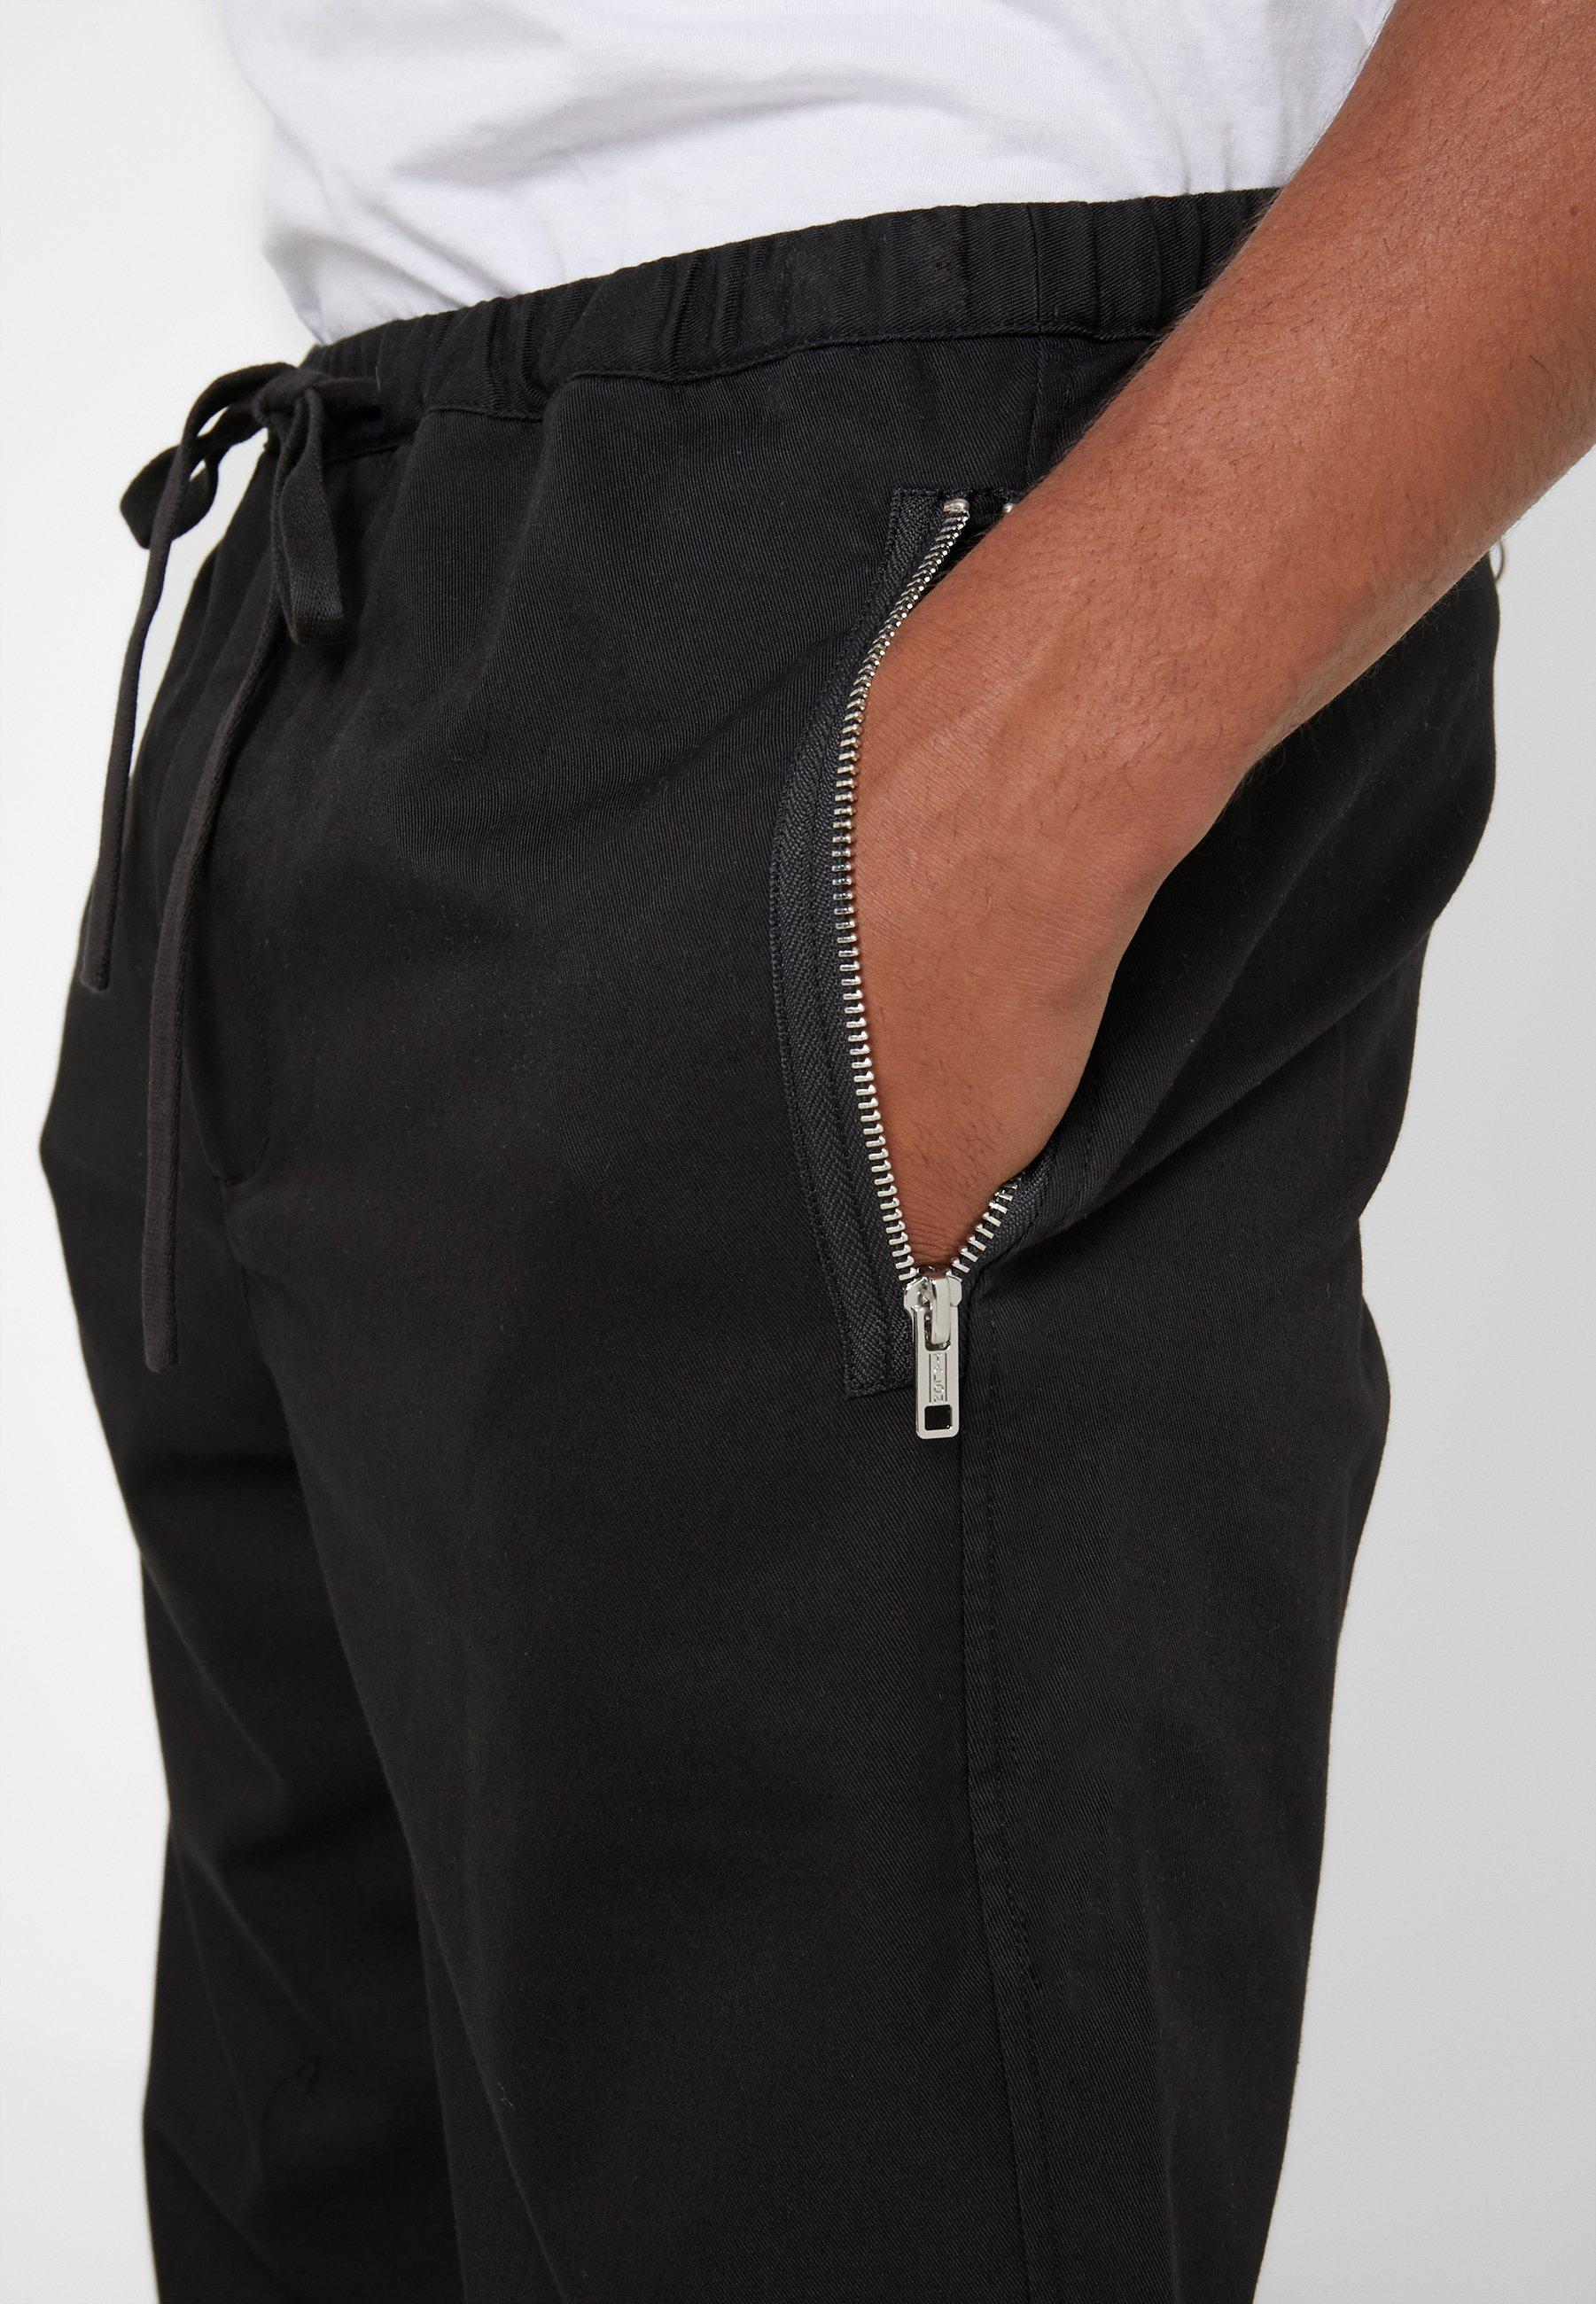 3.1 Phillip Lim Classic Track Pant - Stoffhose Black